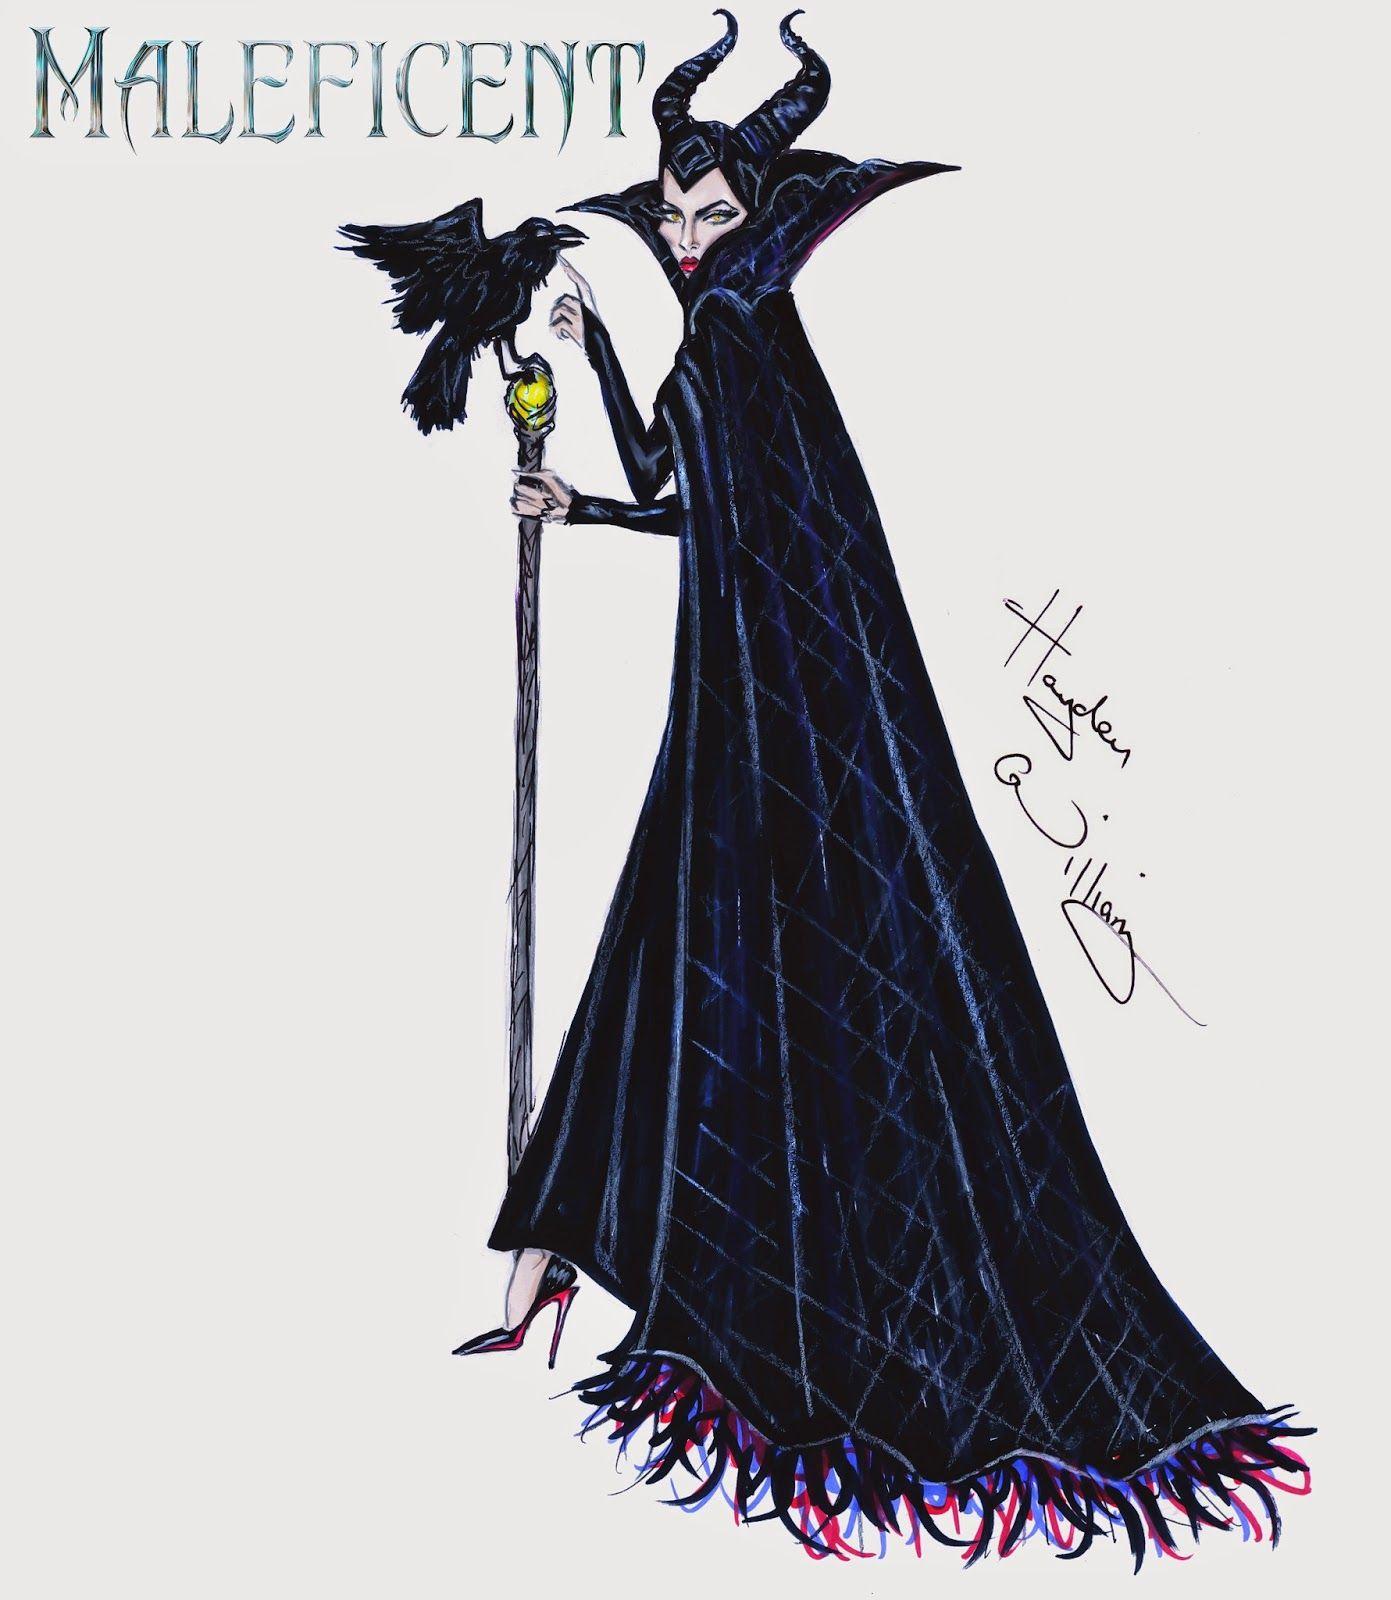 #Hayden Williams Fashion Illustrations #Maleficent collection by Hayden Williams: 'Darkest Heart'